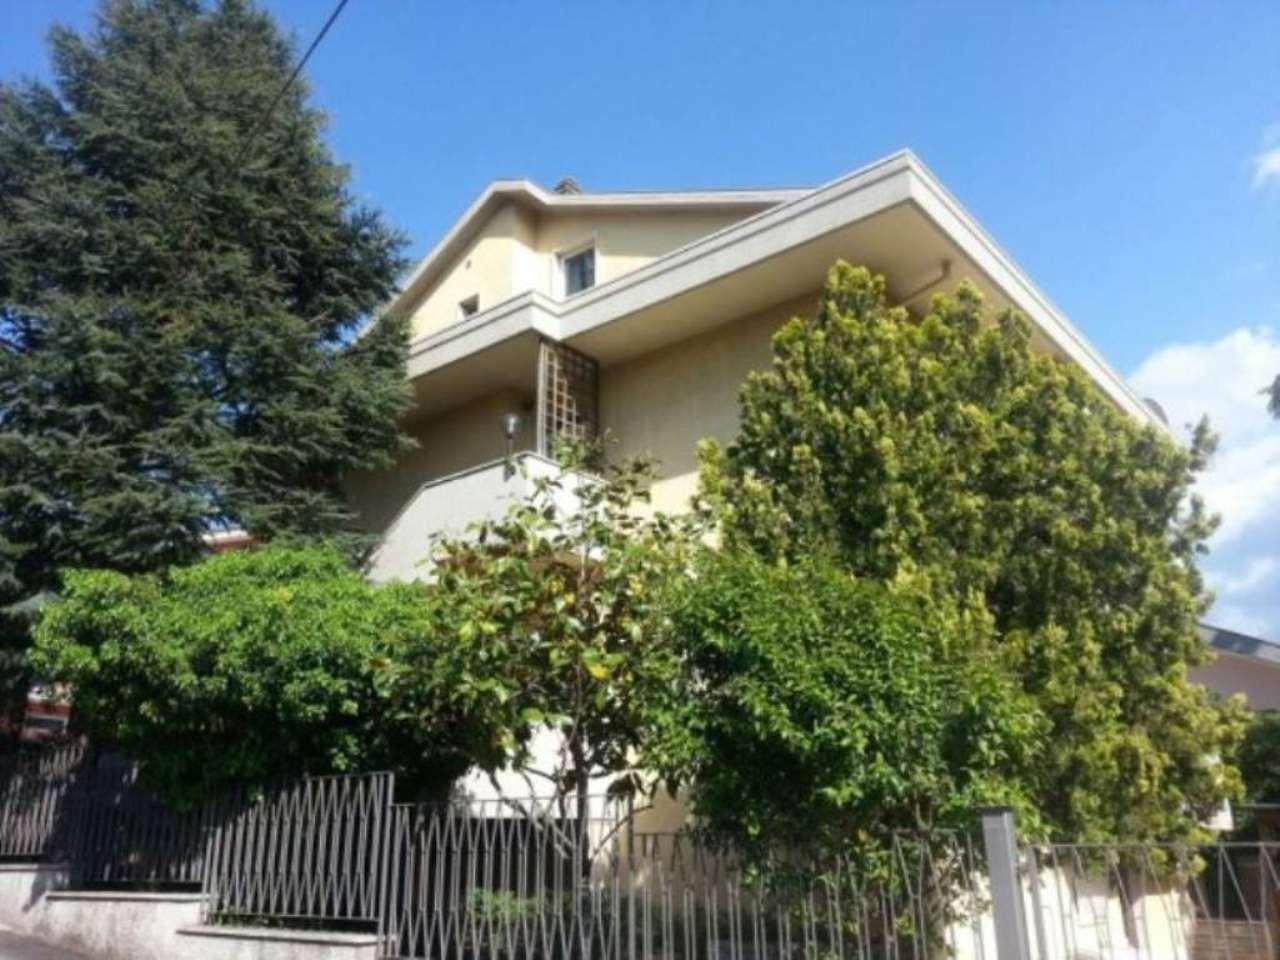 Villa in vendita a Pescara, 6 locali, prezzo € 450.000   Cambio Casa.it